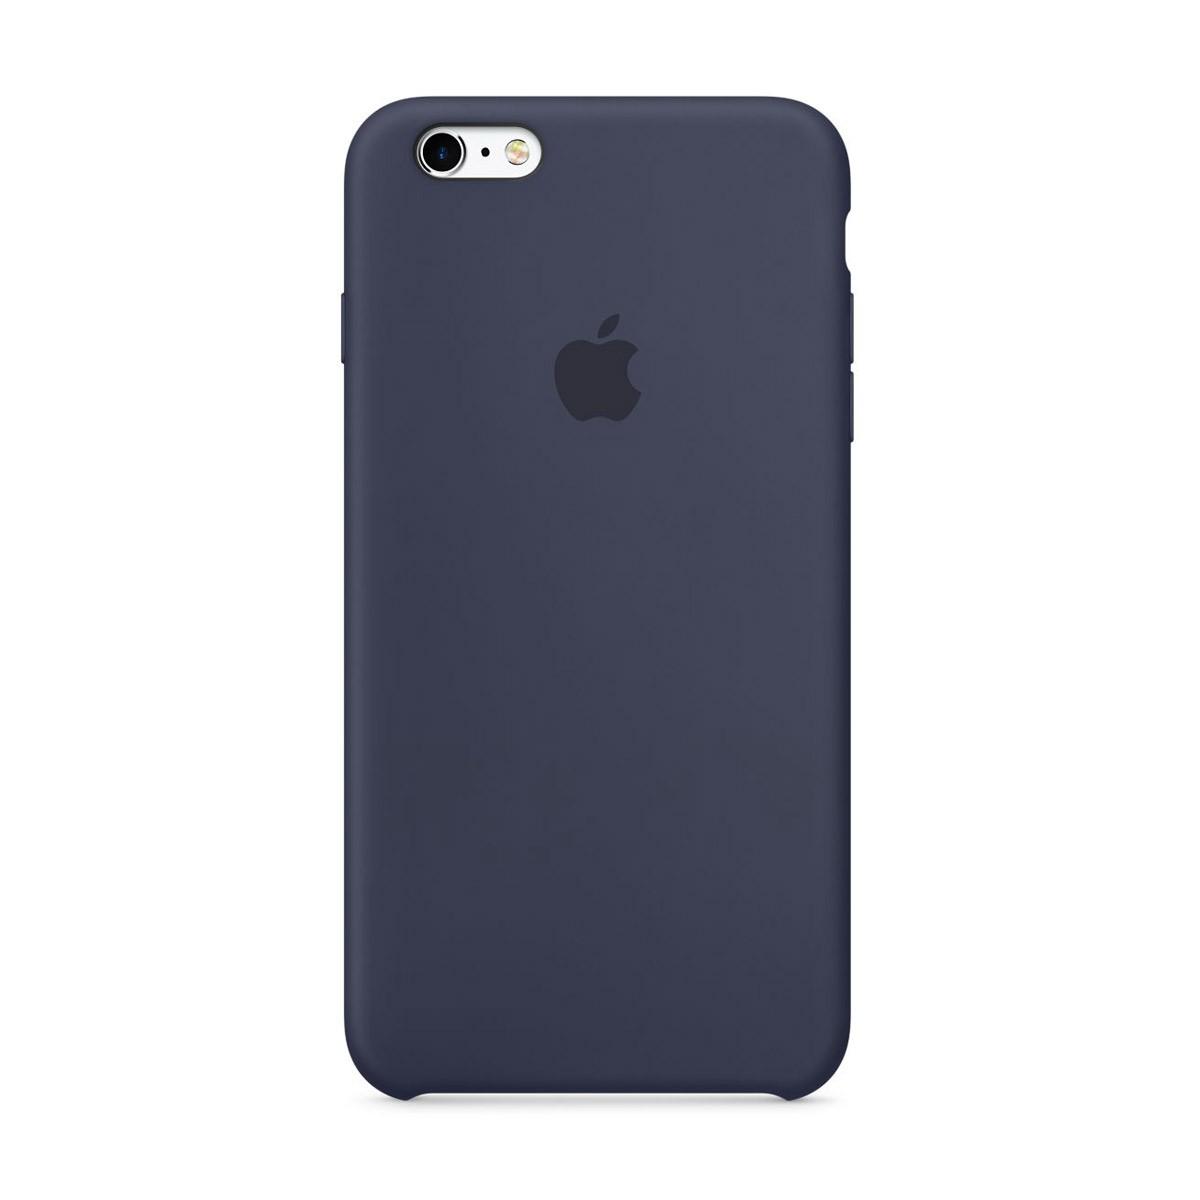 Apple silikonový kryt na iPhone 6s Plus - půlnočně modrý